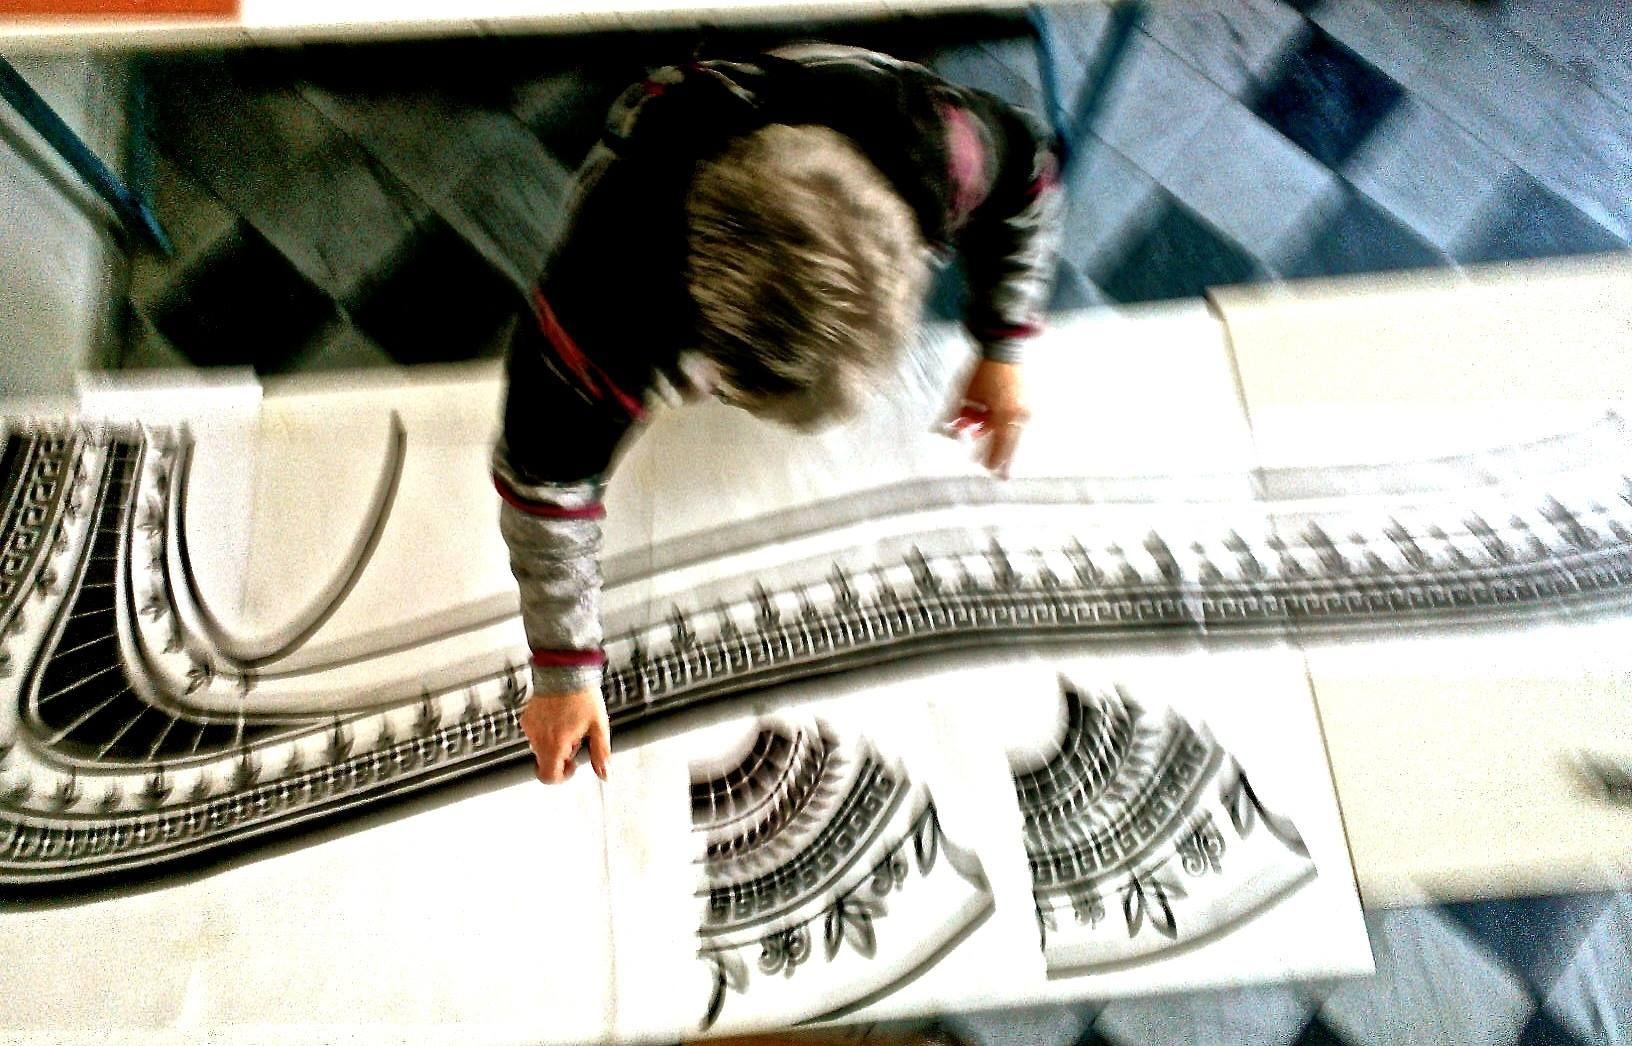 Preparazione del cartone per la stampa serigrafica